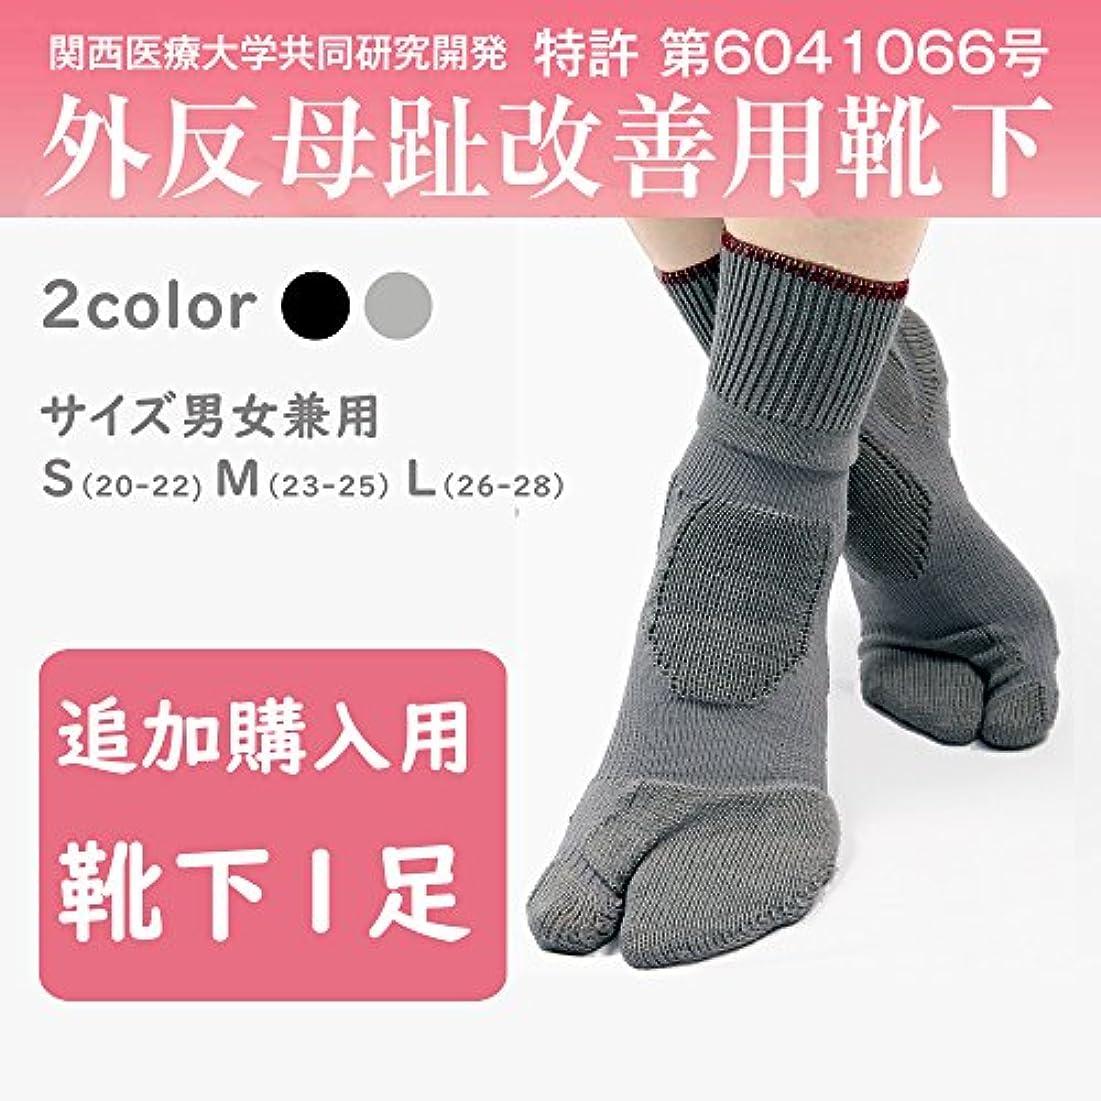 ジャンクロンドン粉砕する外反母趾改善用靴下1足?追加購入用(カサネラボ)kasane lab. (グレー, L:26-28cm)